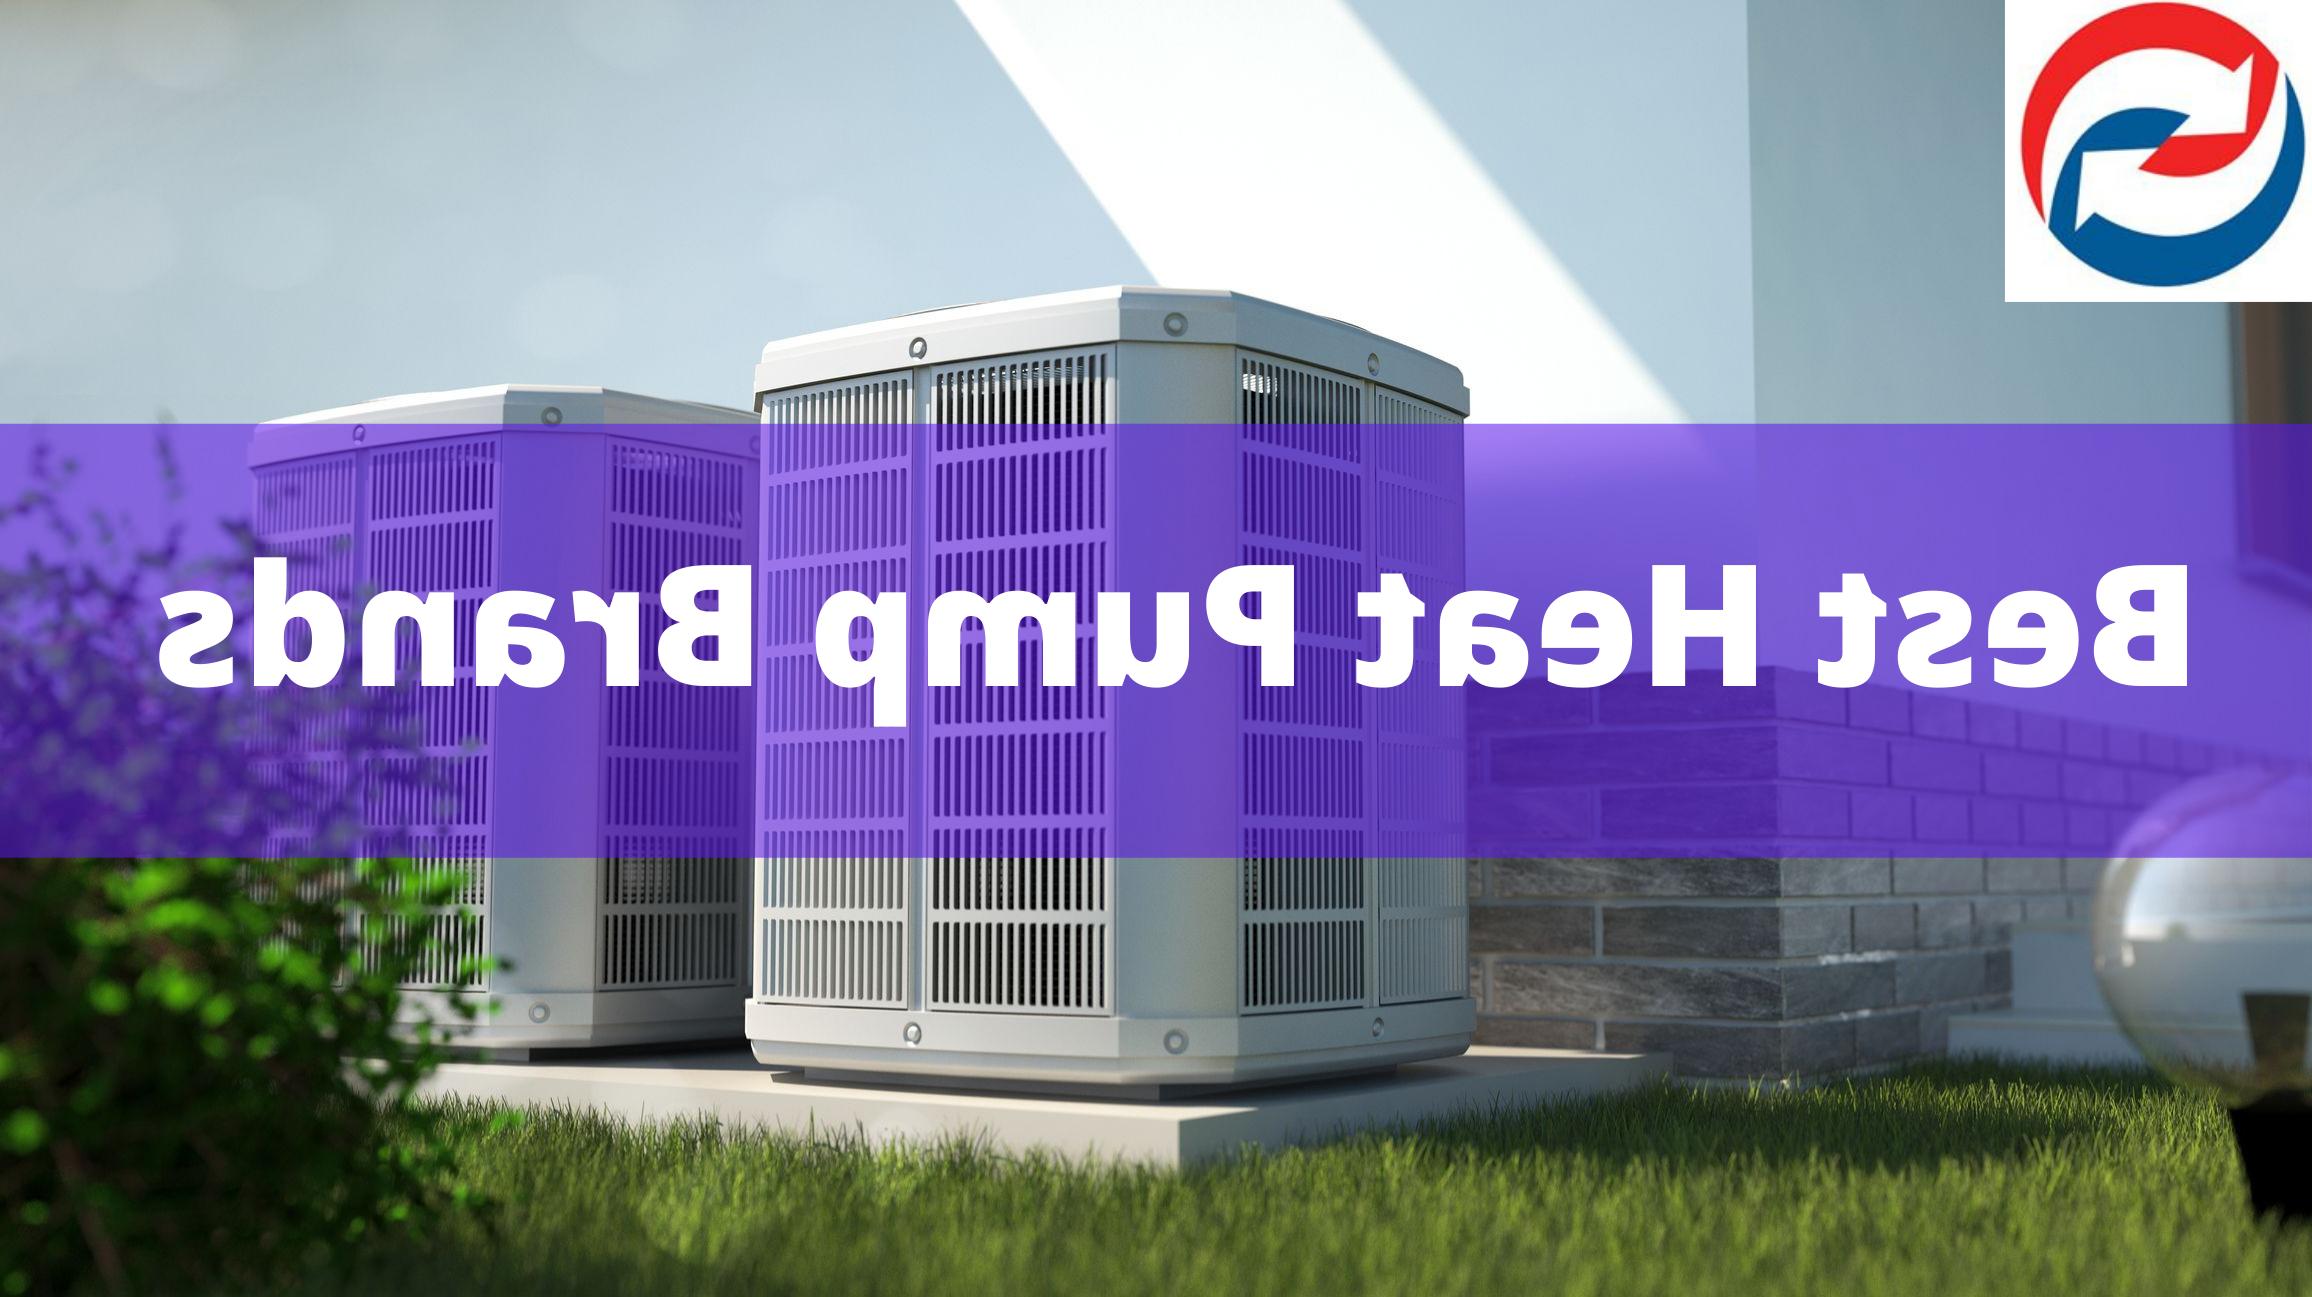 Quel chauffage choisir pour une maison neuve 2021 ?